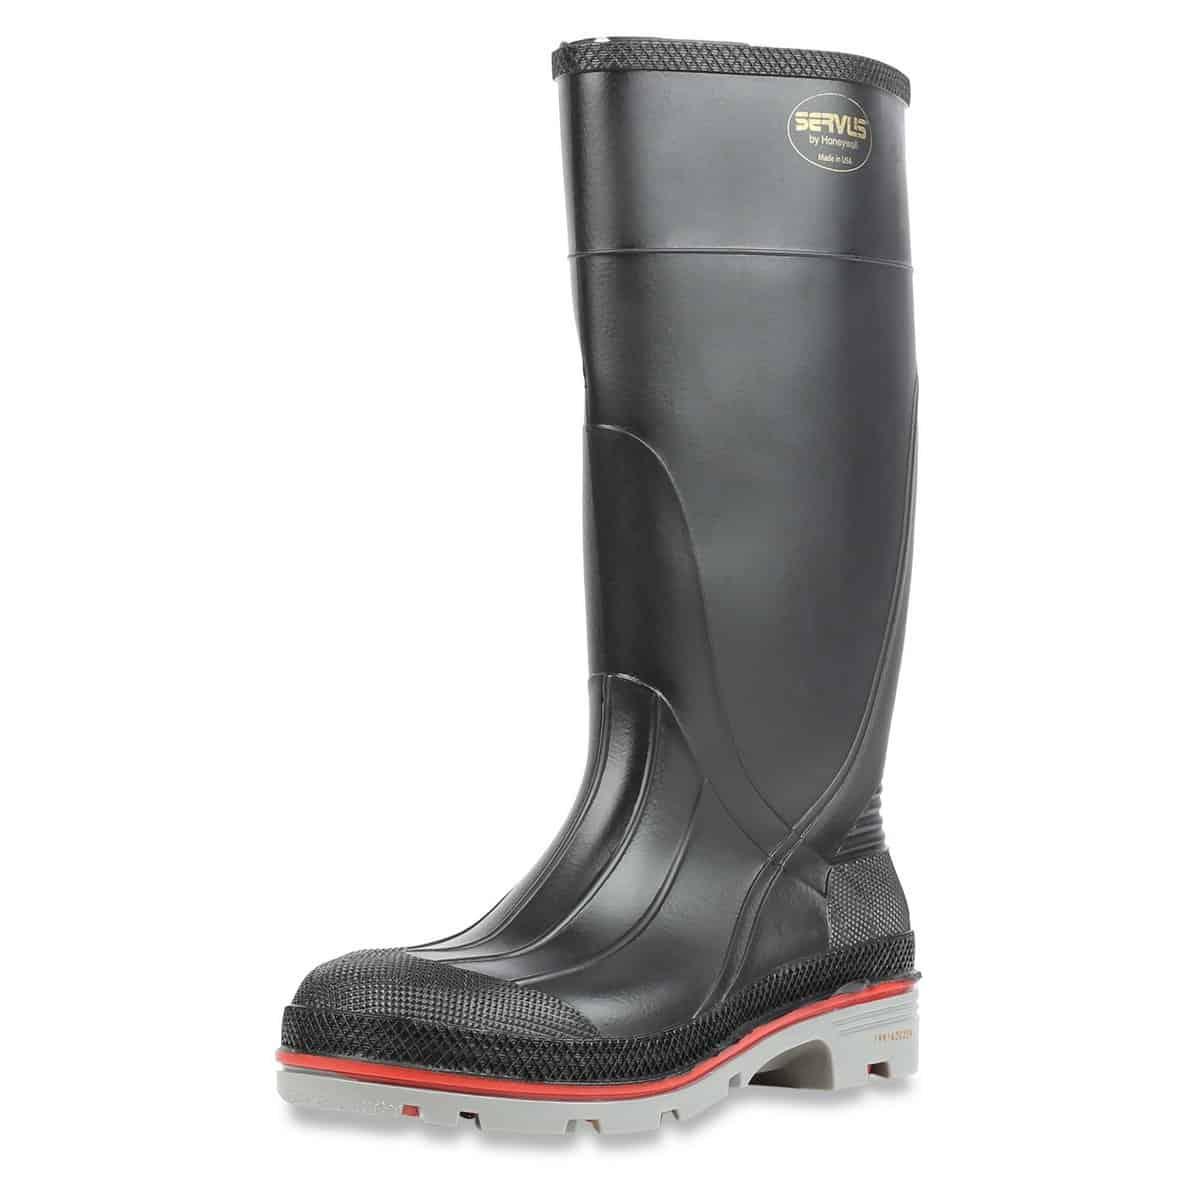 Servus 15″ PVC Polyblend Soft Toe Men's Work Boots